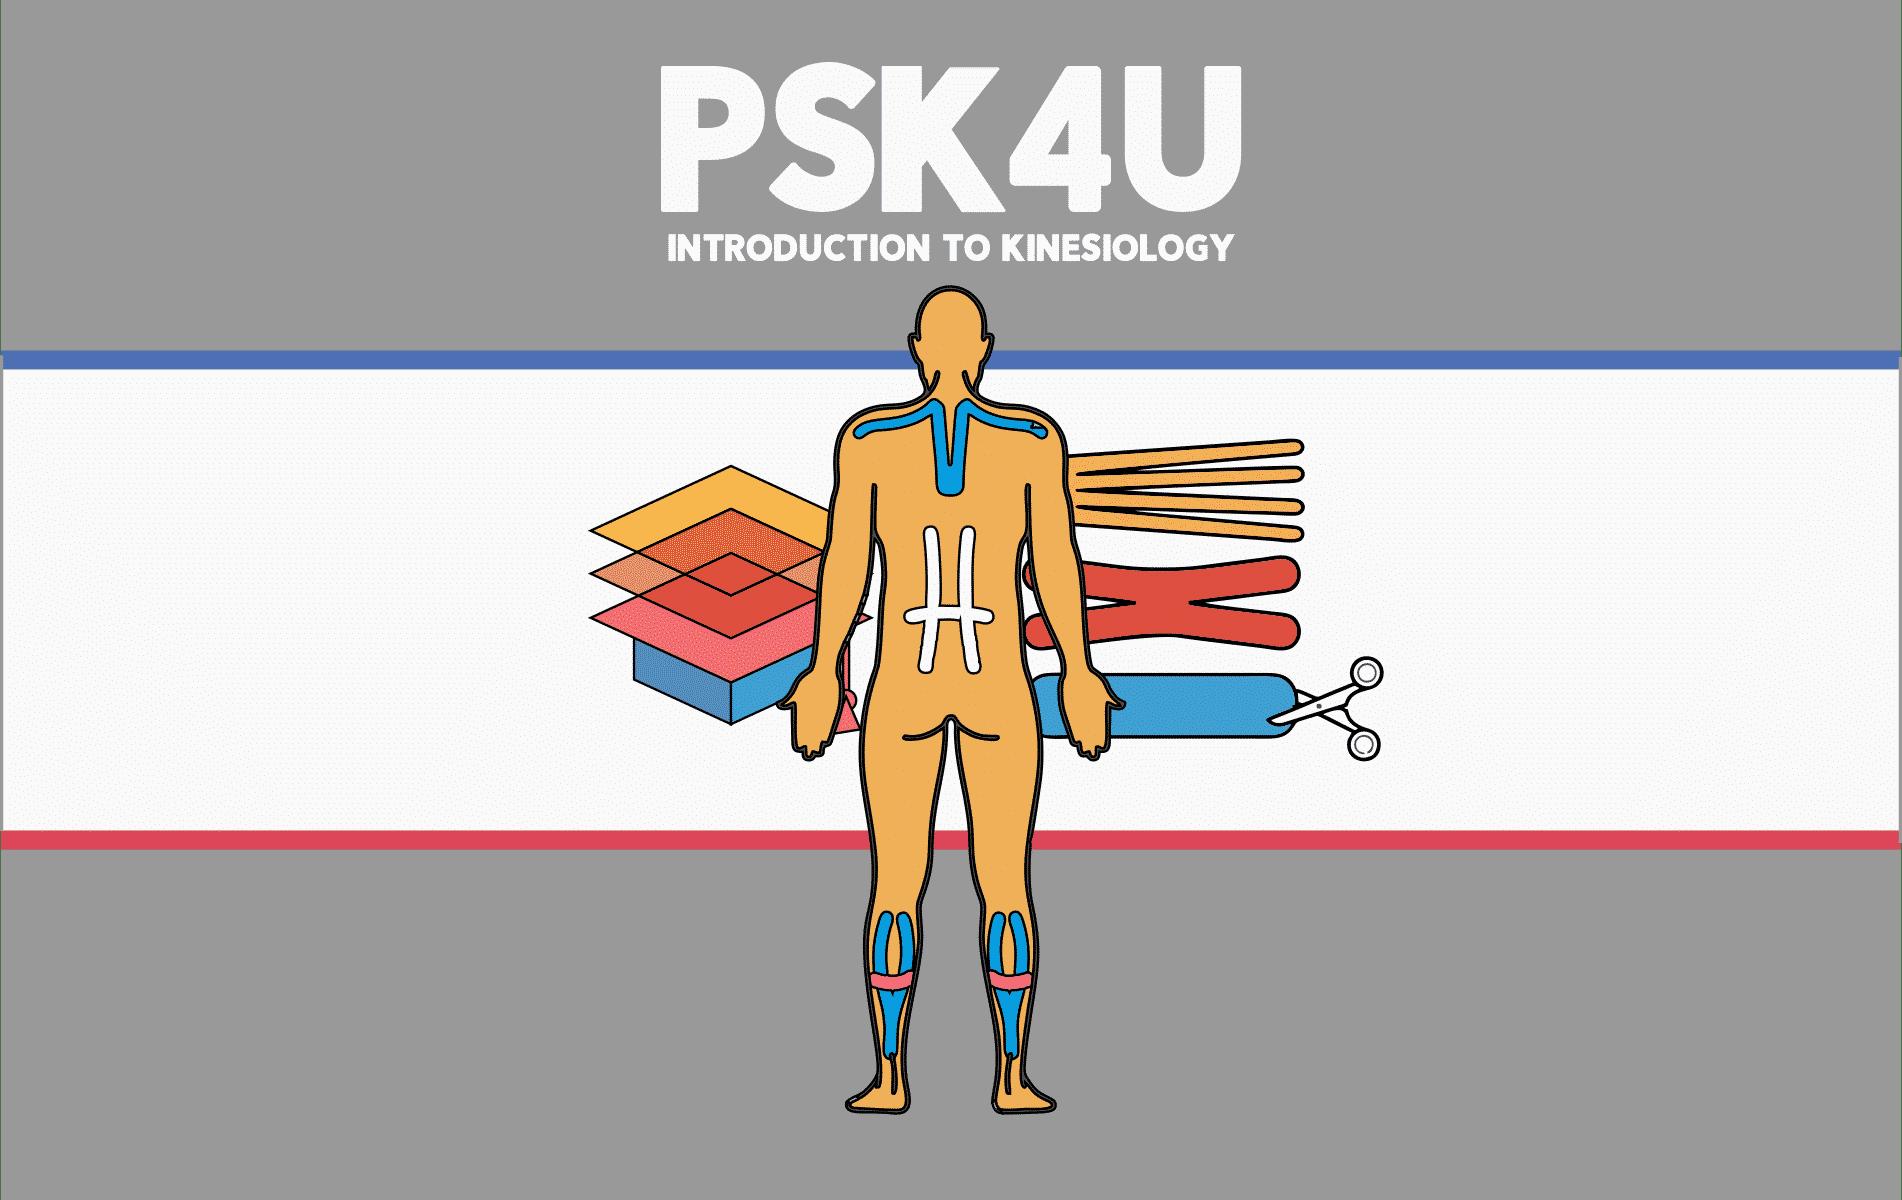 PSK4U